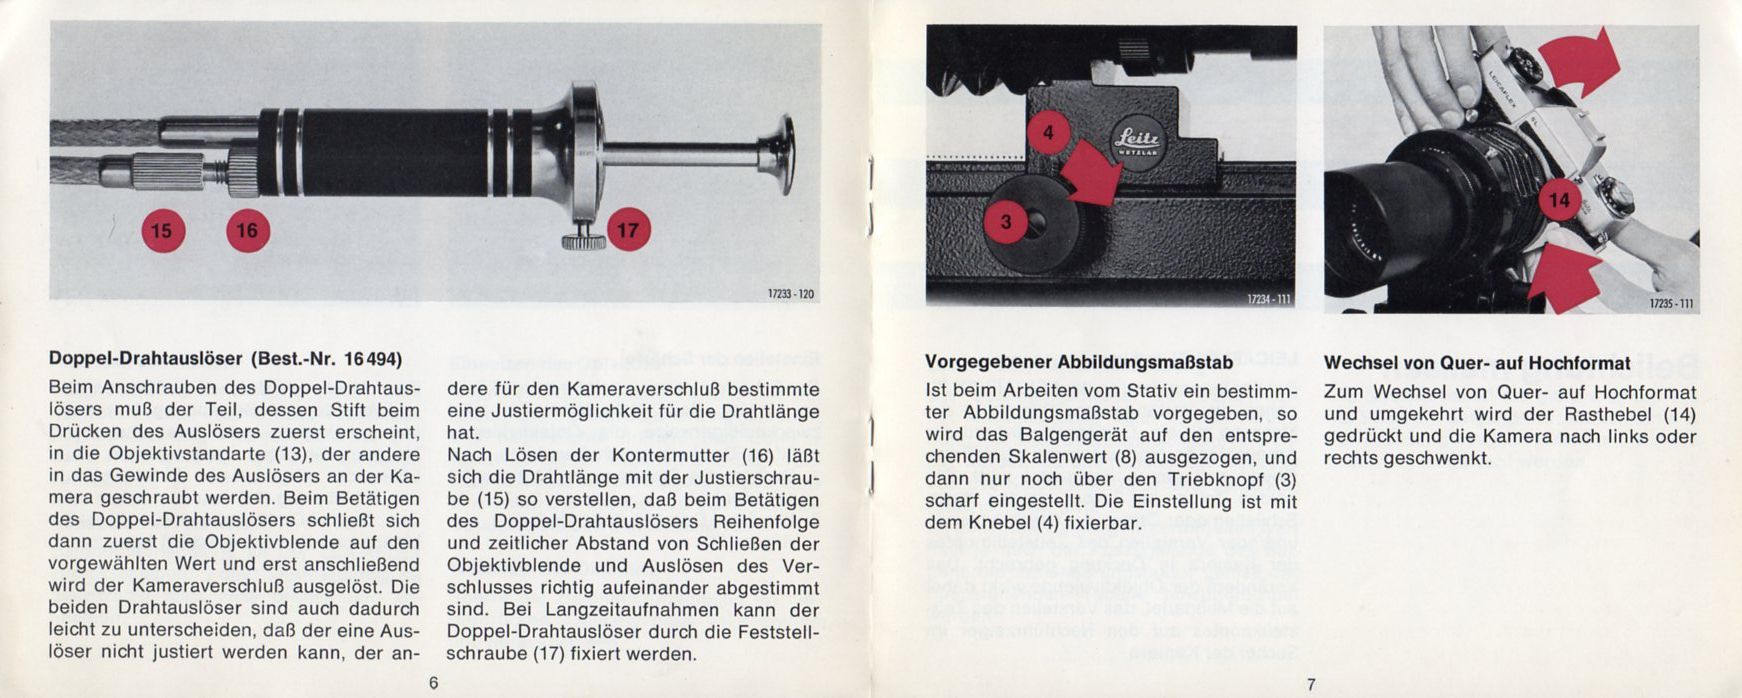 Fein Mausohrschablone Druckbar Bilder - Entry Level Resume Vorlagen ...